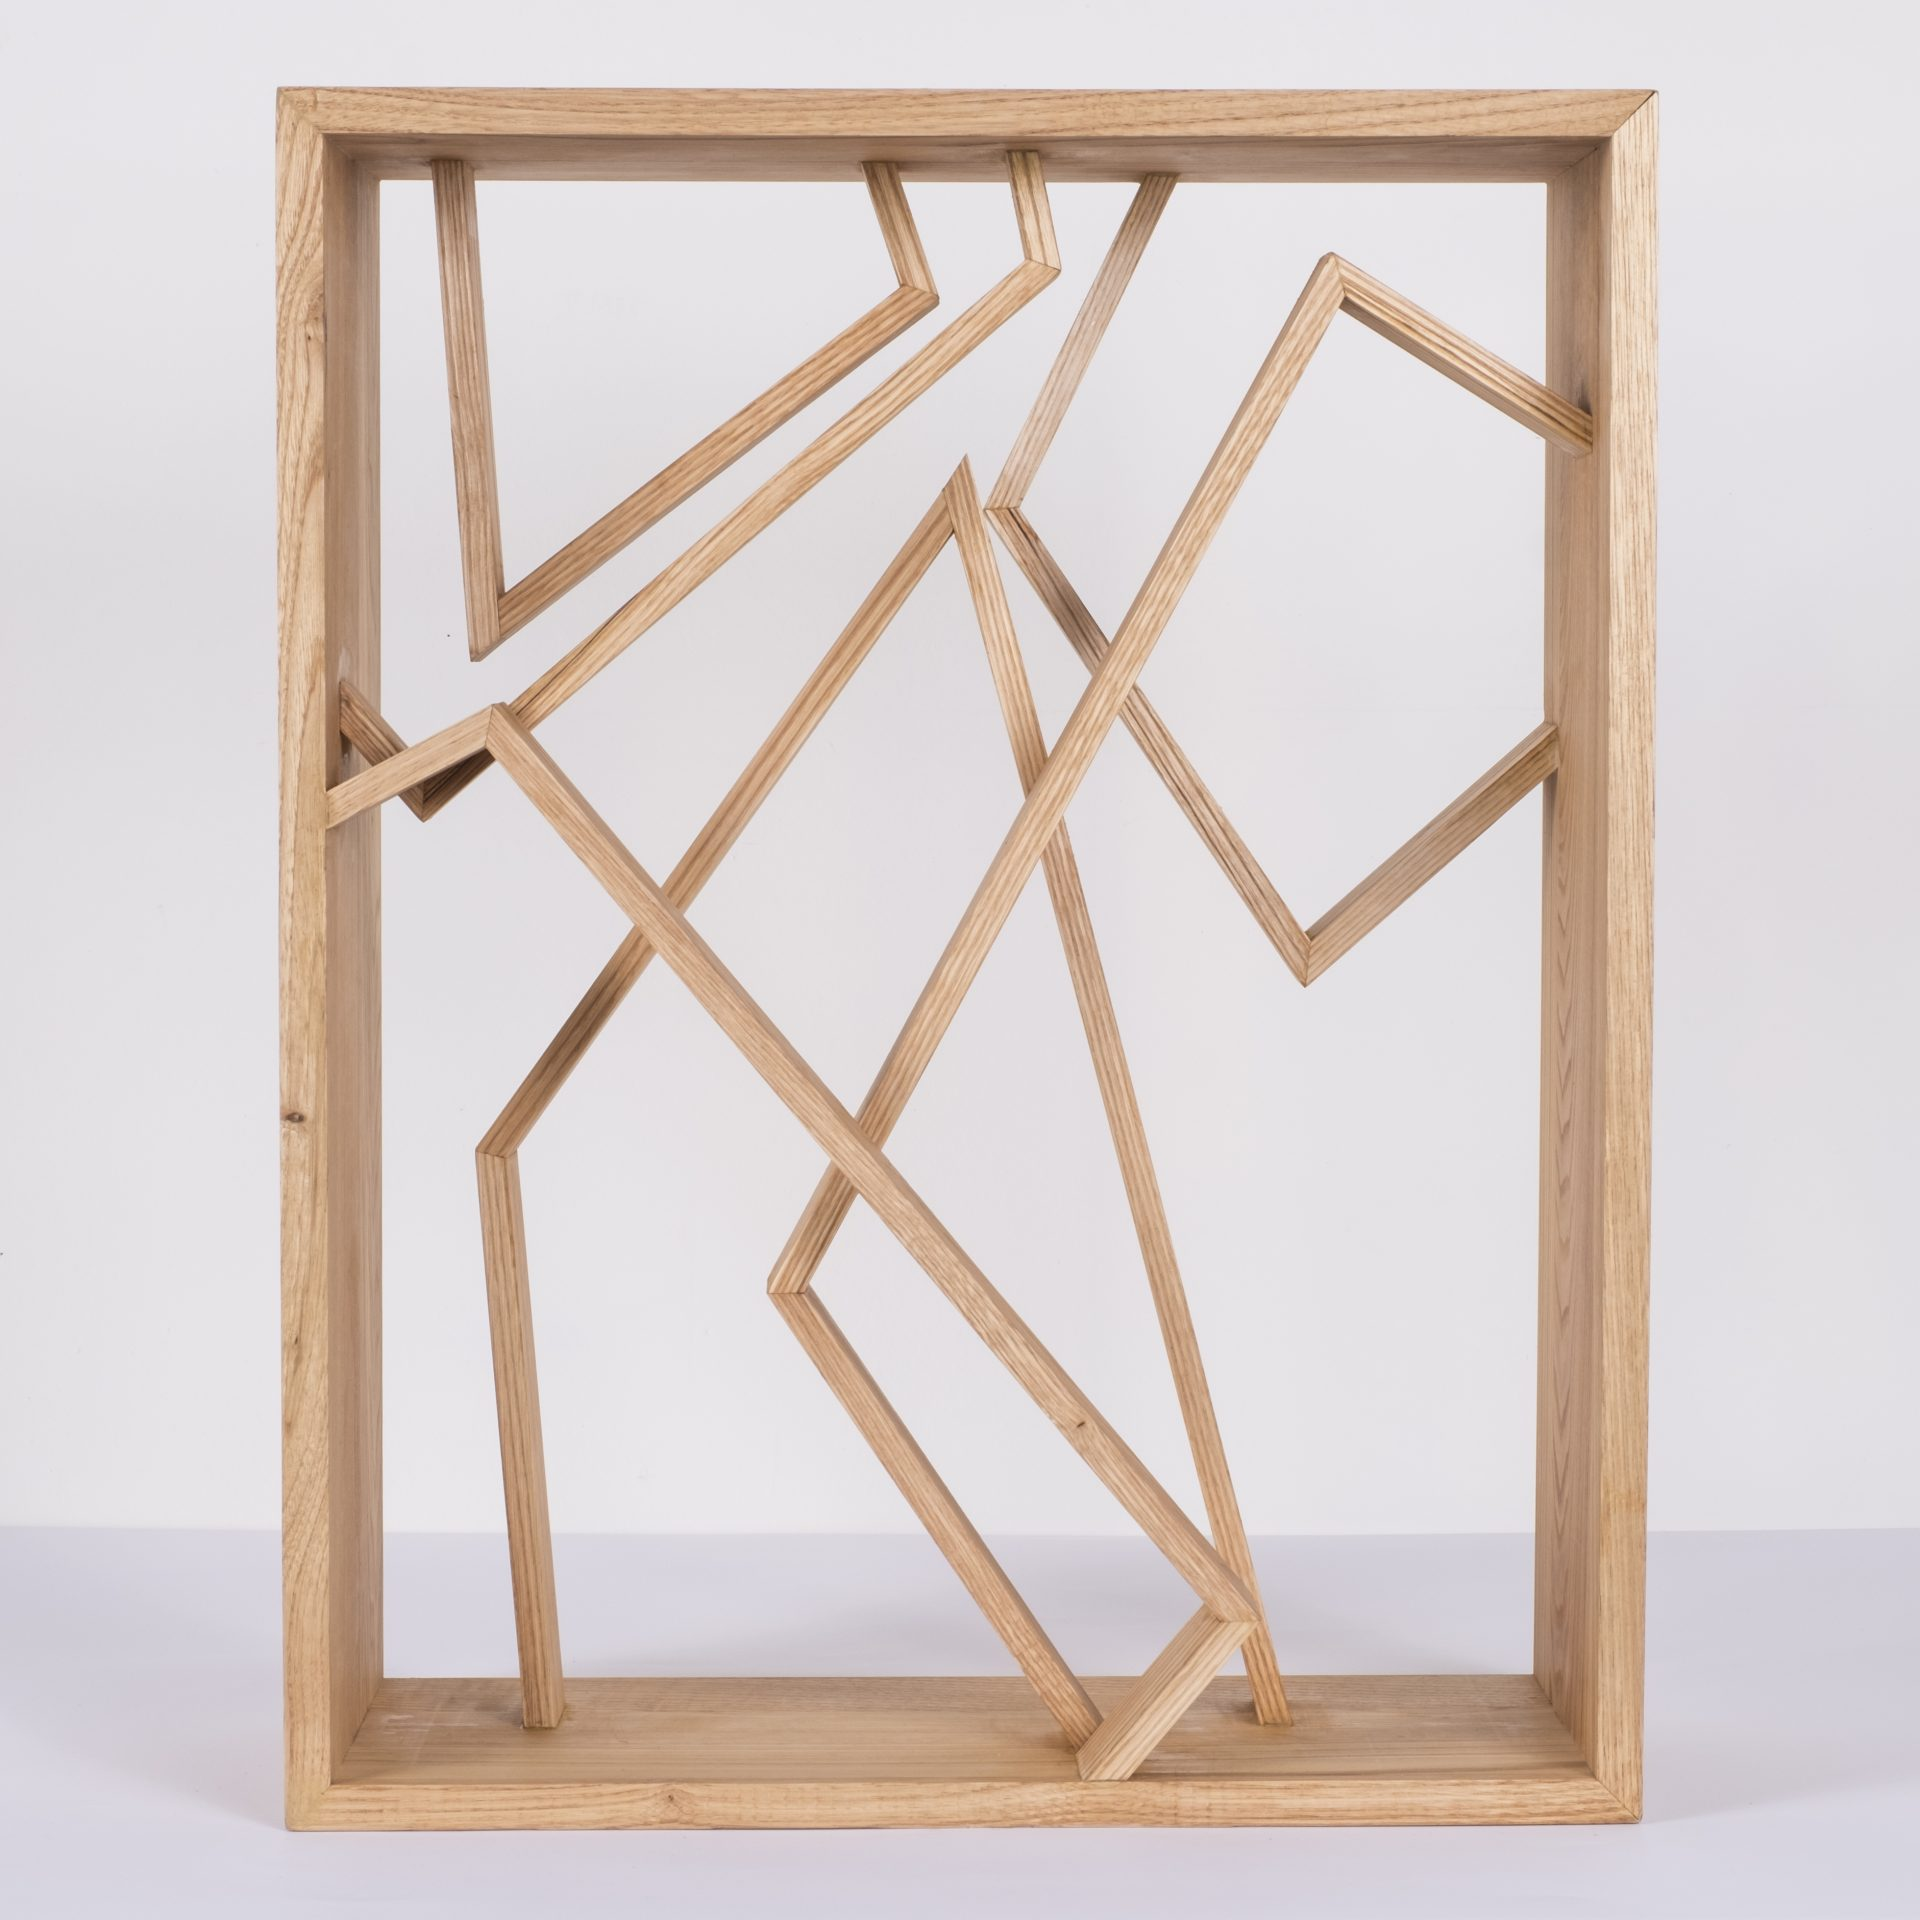 Unlimited in Dynamo<br>RMR25<br>misure: circa 44 x 56 cm<br>tecnica: legno castagno <br>anno: 2018<br><br>DISPONIBILE